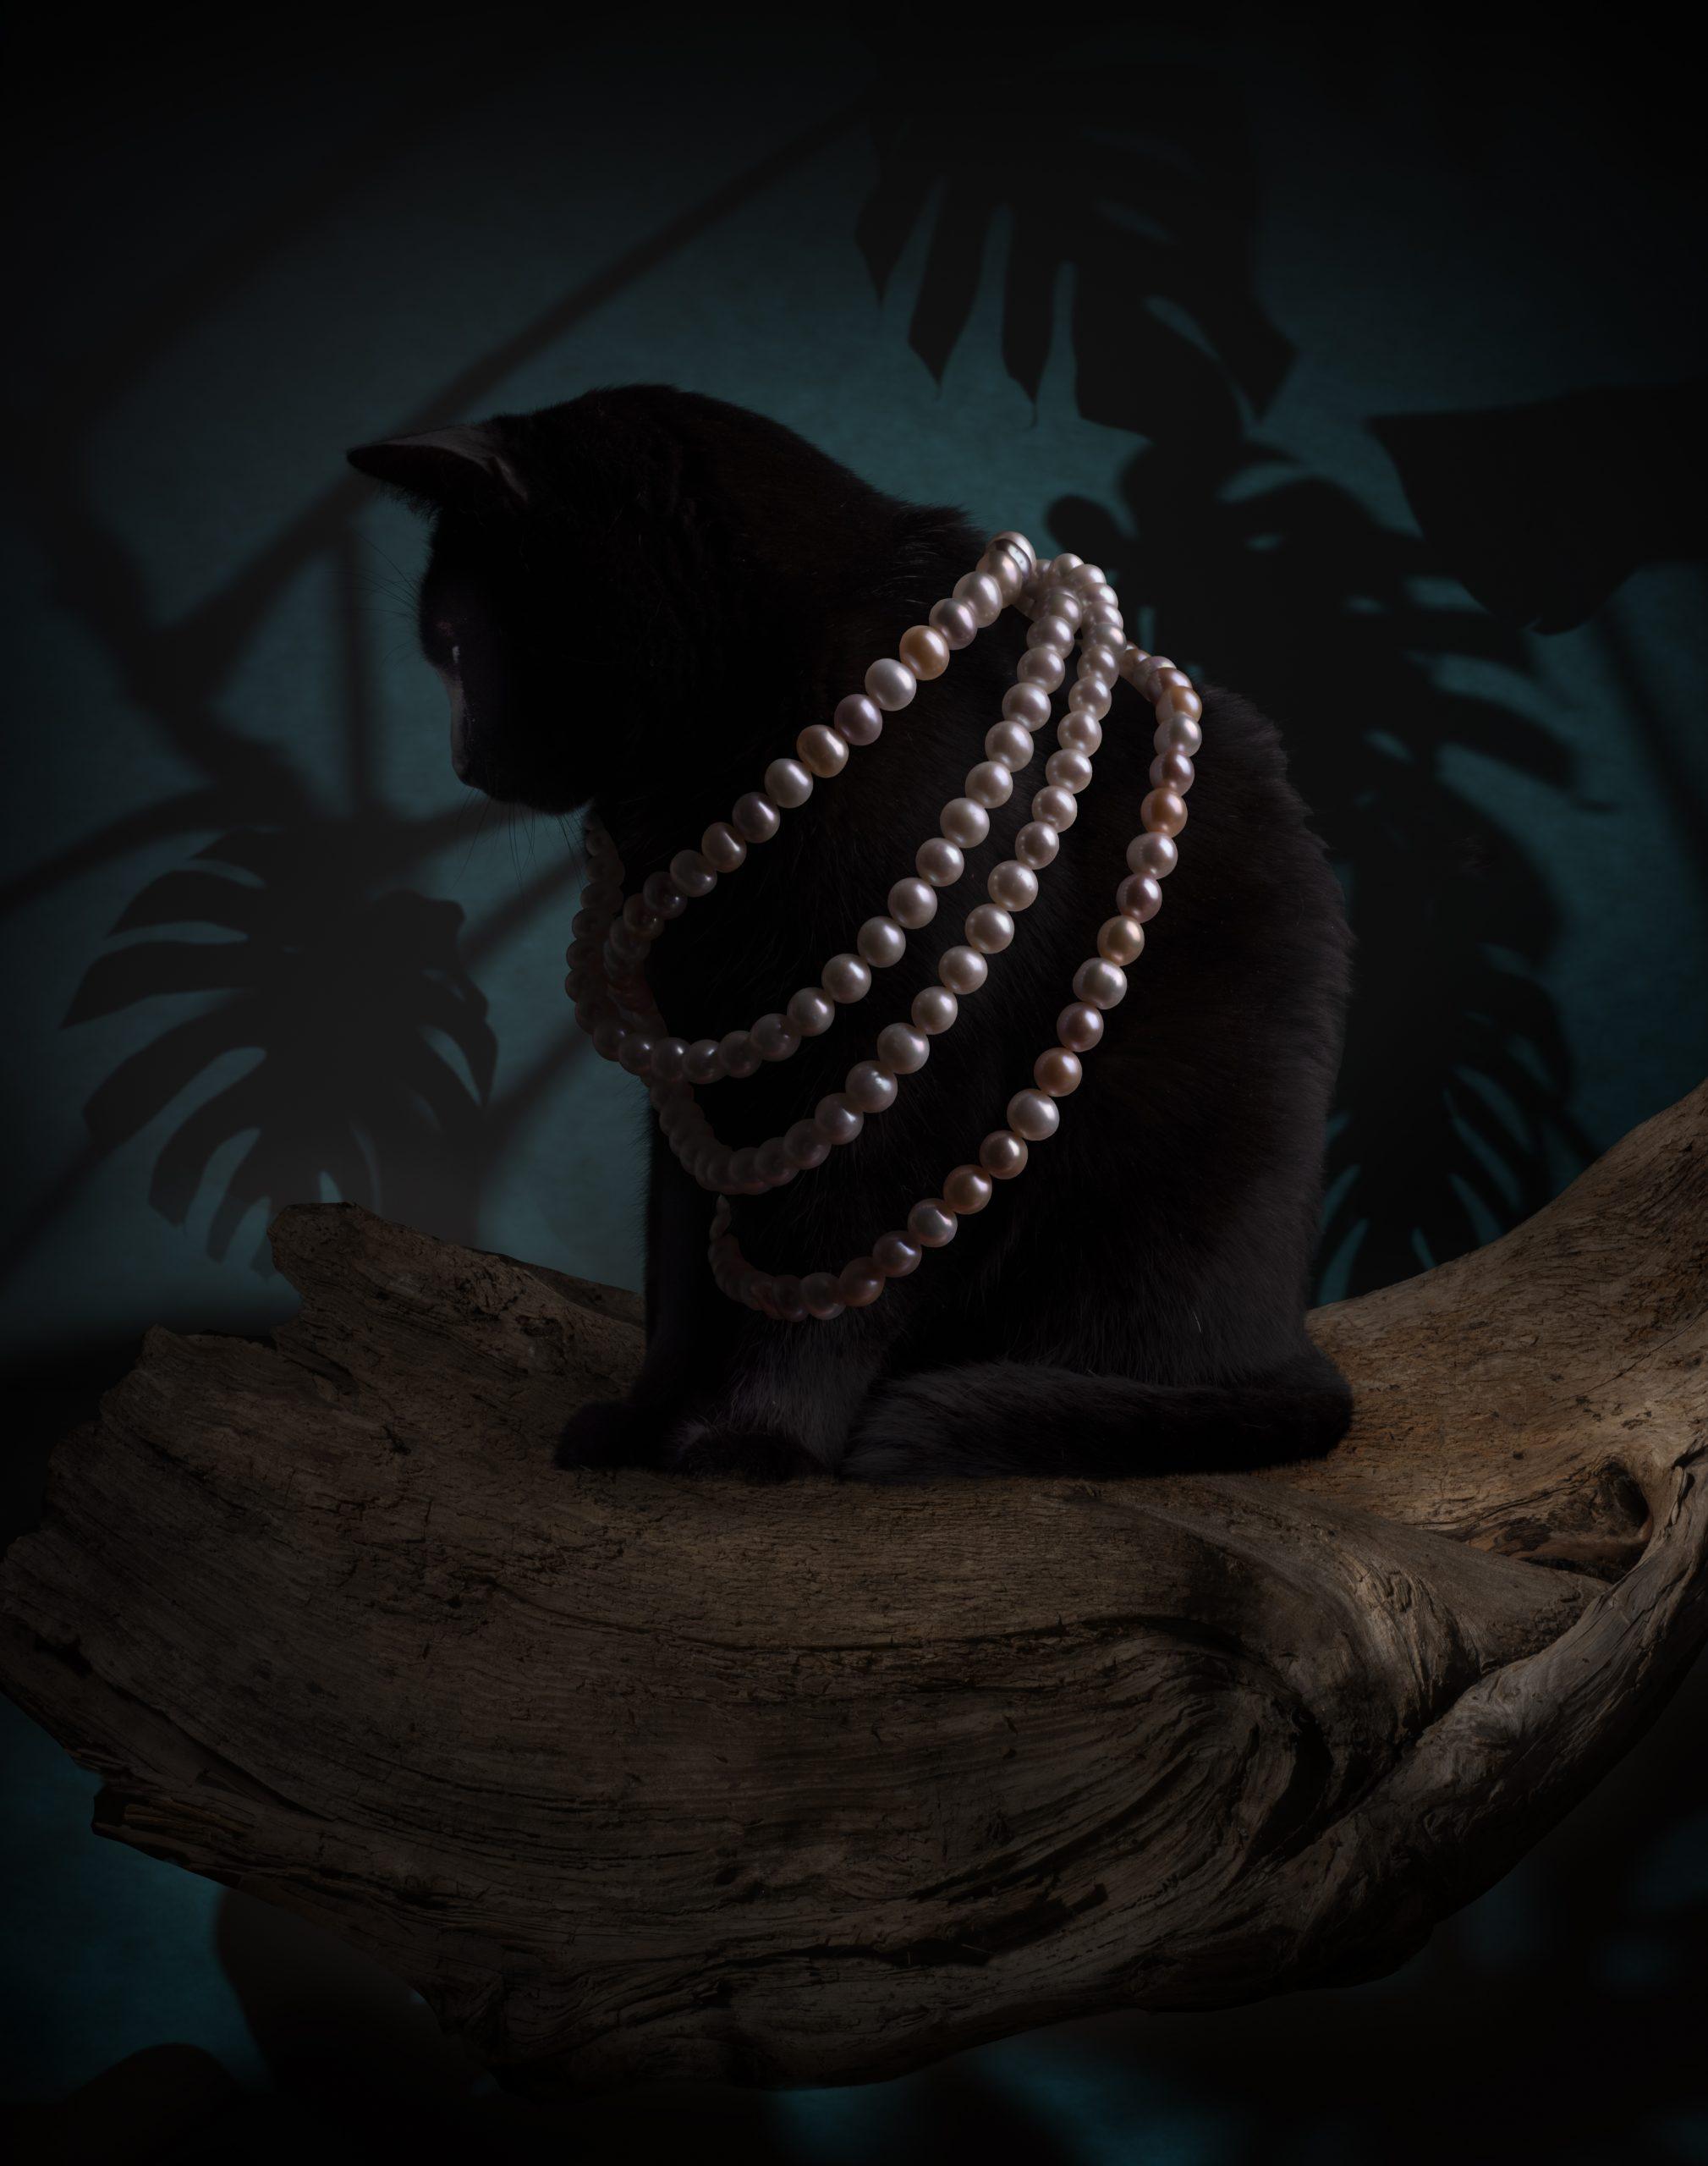 Caroline-Savoie-Joaillerie-Colliers-Perles-Chat-Noir-Photo-Art-Nouveau-Bijoux-Fait-Main-Quebec-Montreal-Handmade-Jewellery-Pearl-Necklace-Black-Cat-Picture-Joaillier-Designer